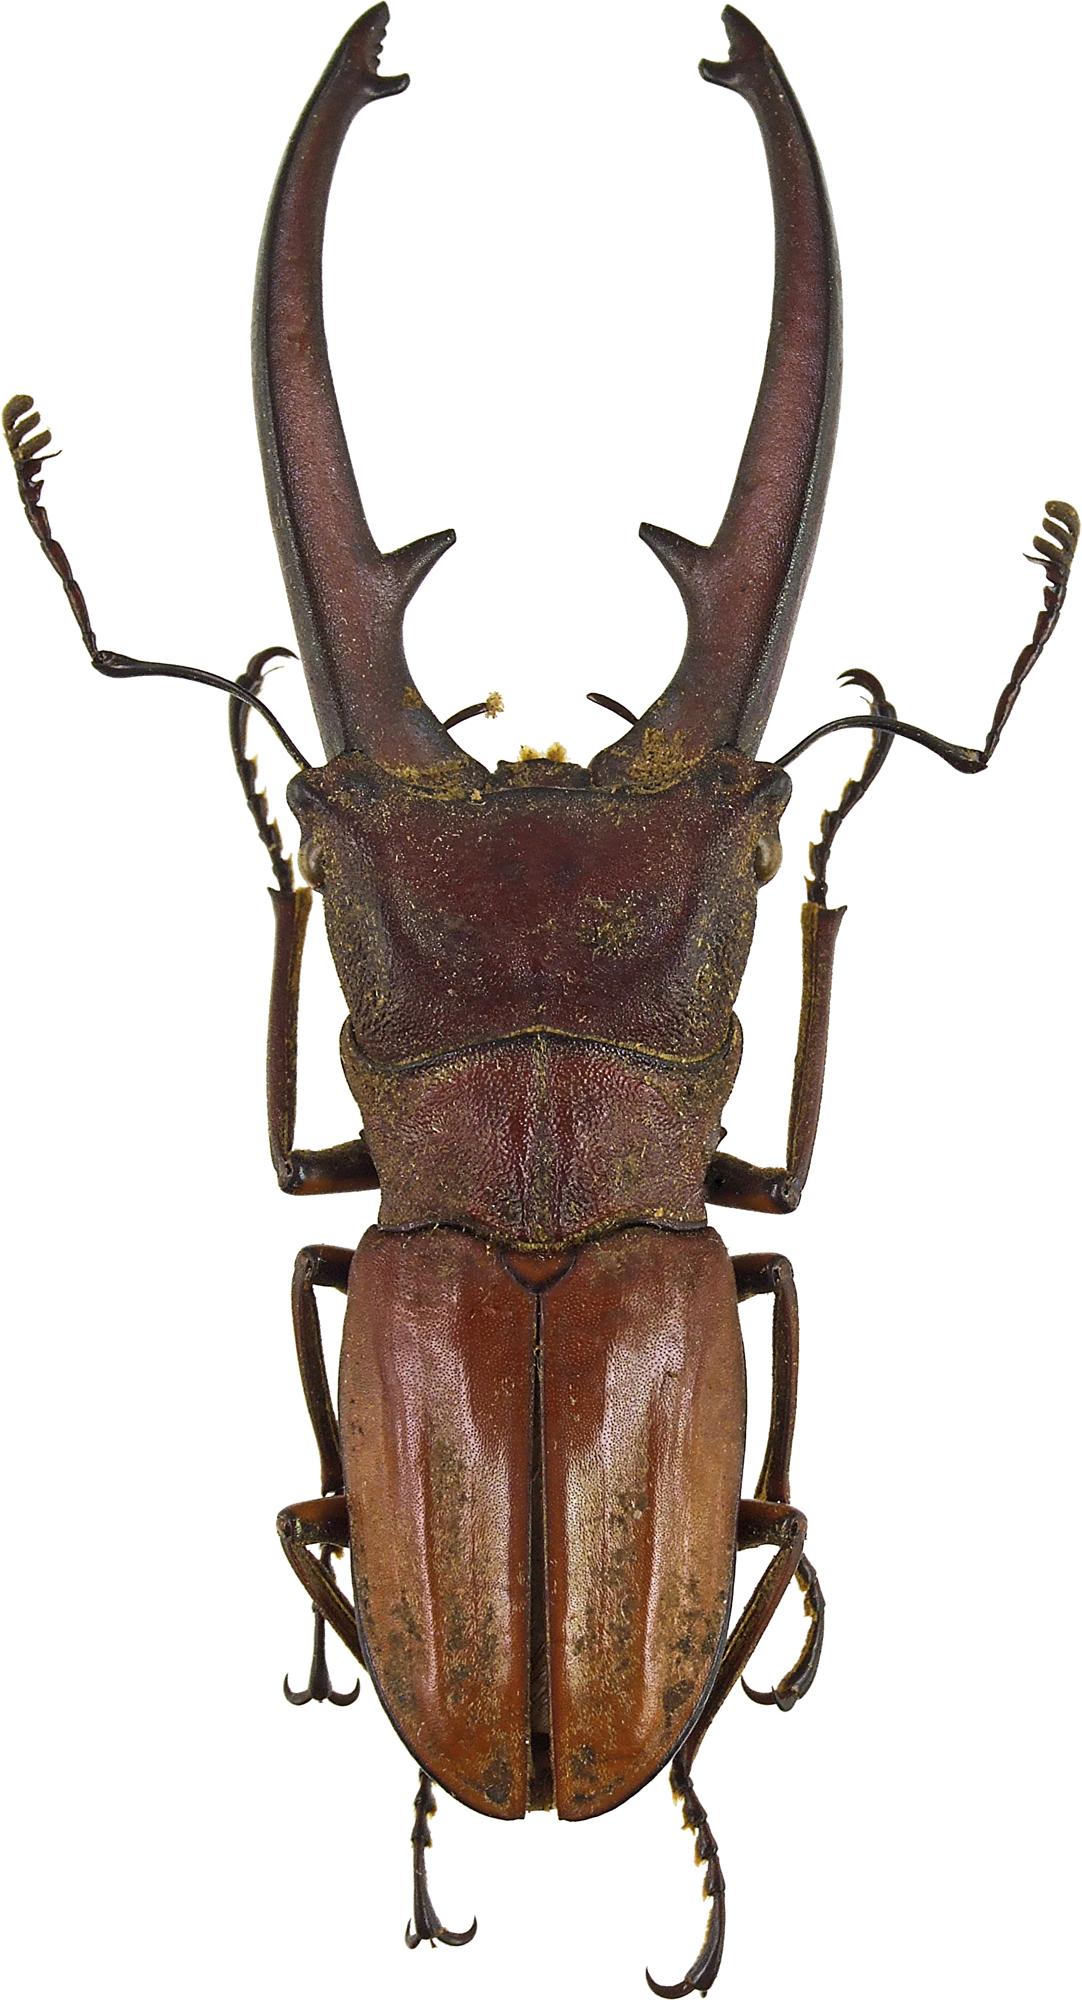 Cyclommatus canaliculatus canaliculatus 43197cz99.jpg